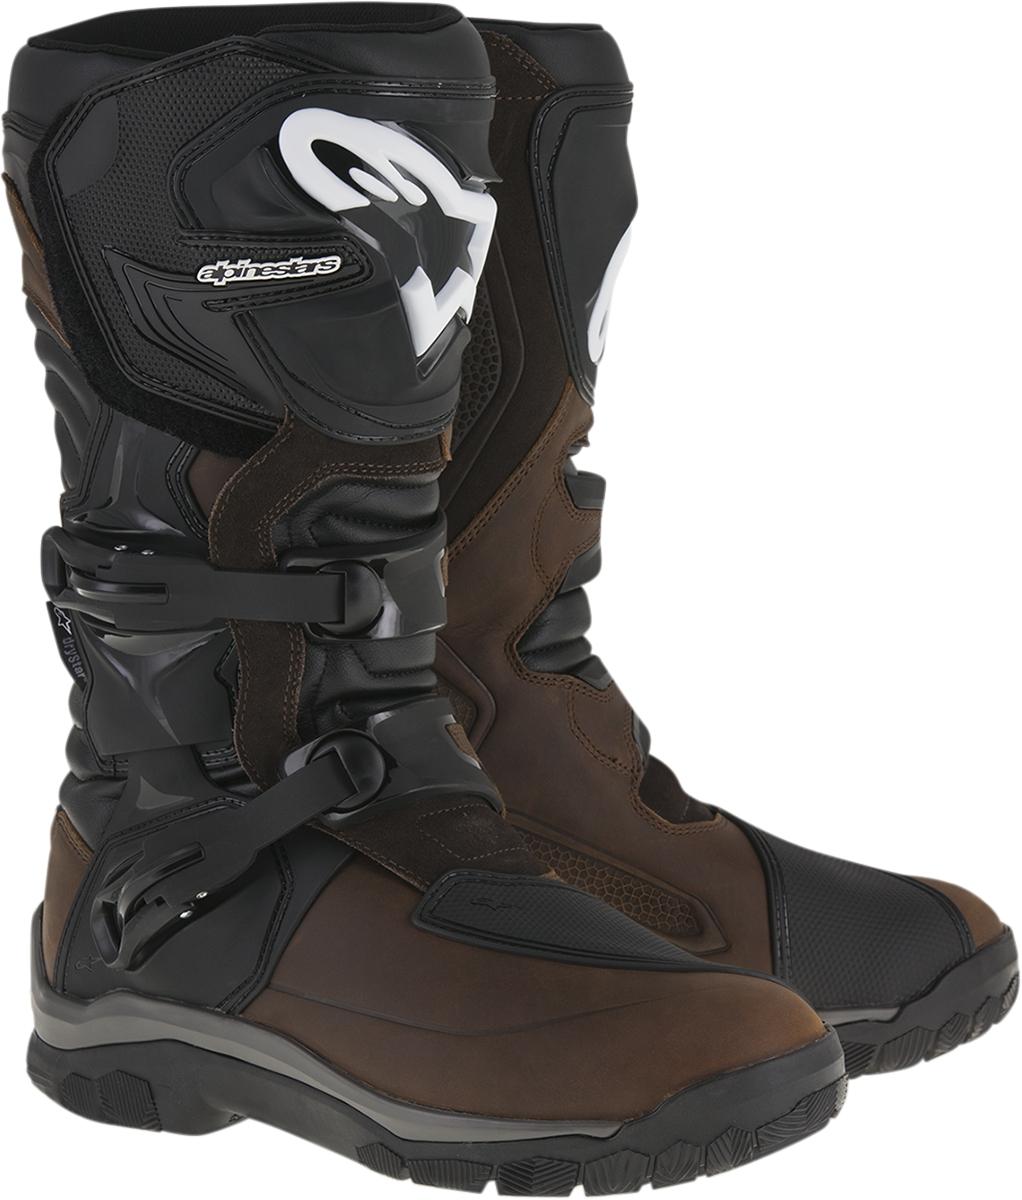 Alpinestars Corozal Adventure Drystar Boots